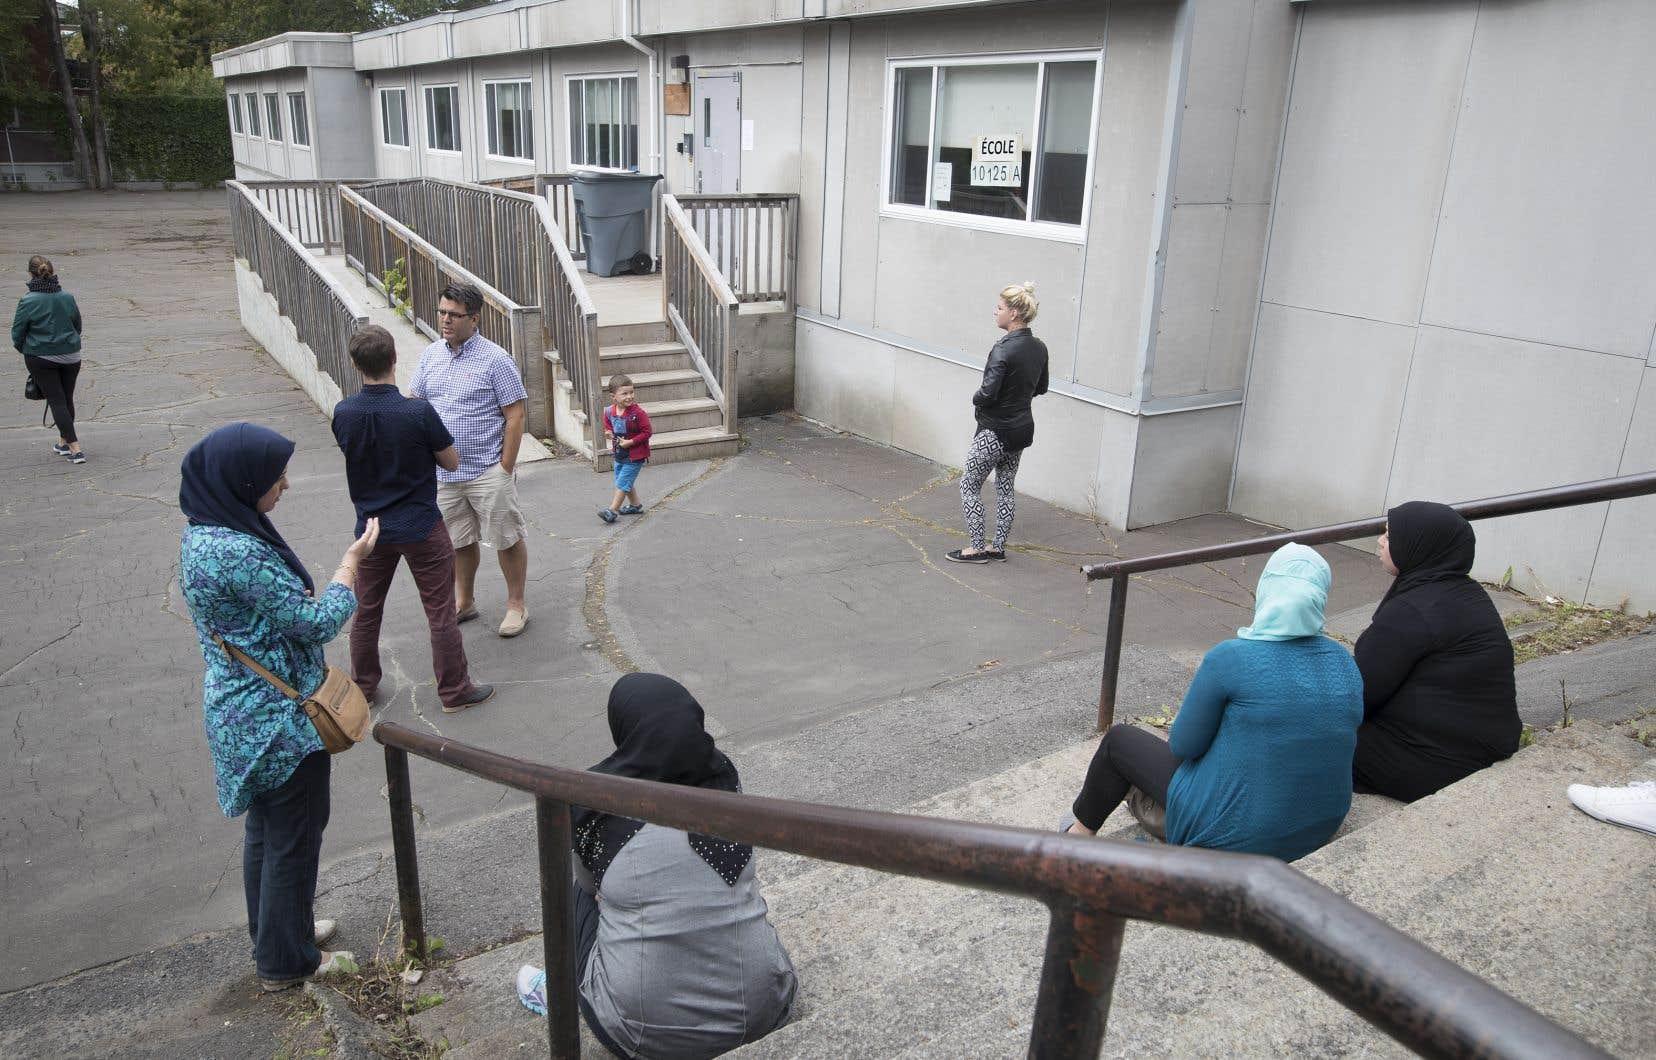 À l'école primaire Saint-Martyrs-Canadiens, dans le quartier Ahuntsic, des classes sont déjà hébergées dans une annexe préfabriquée.